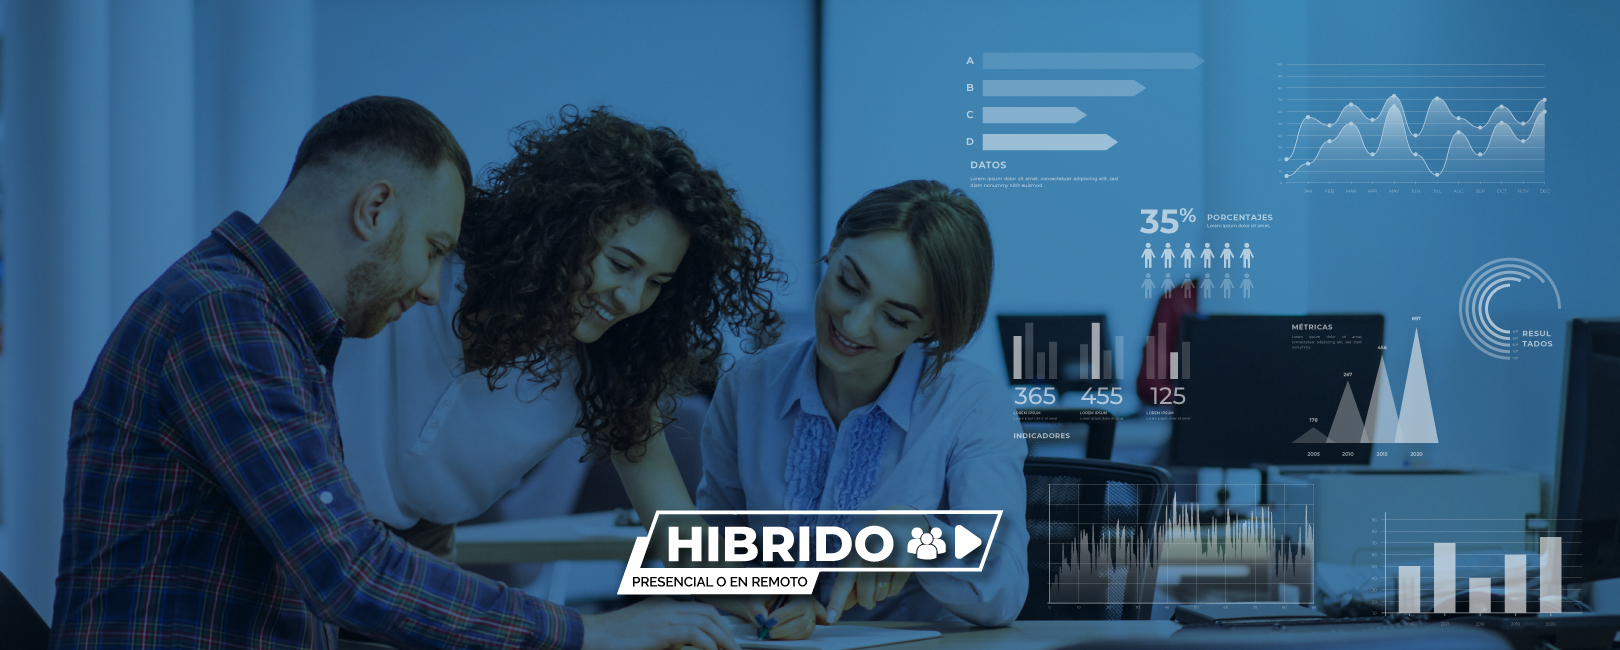 Cómo construir indicadores útiles para la mejora interna y externa de nuestra organización. Formato híbrido